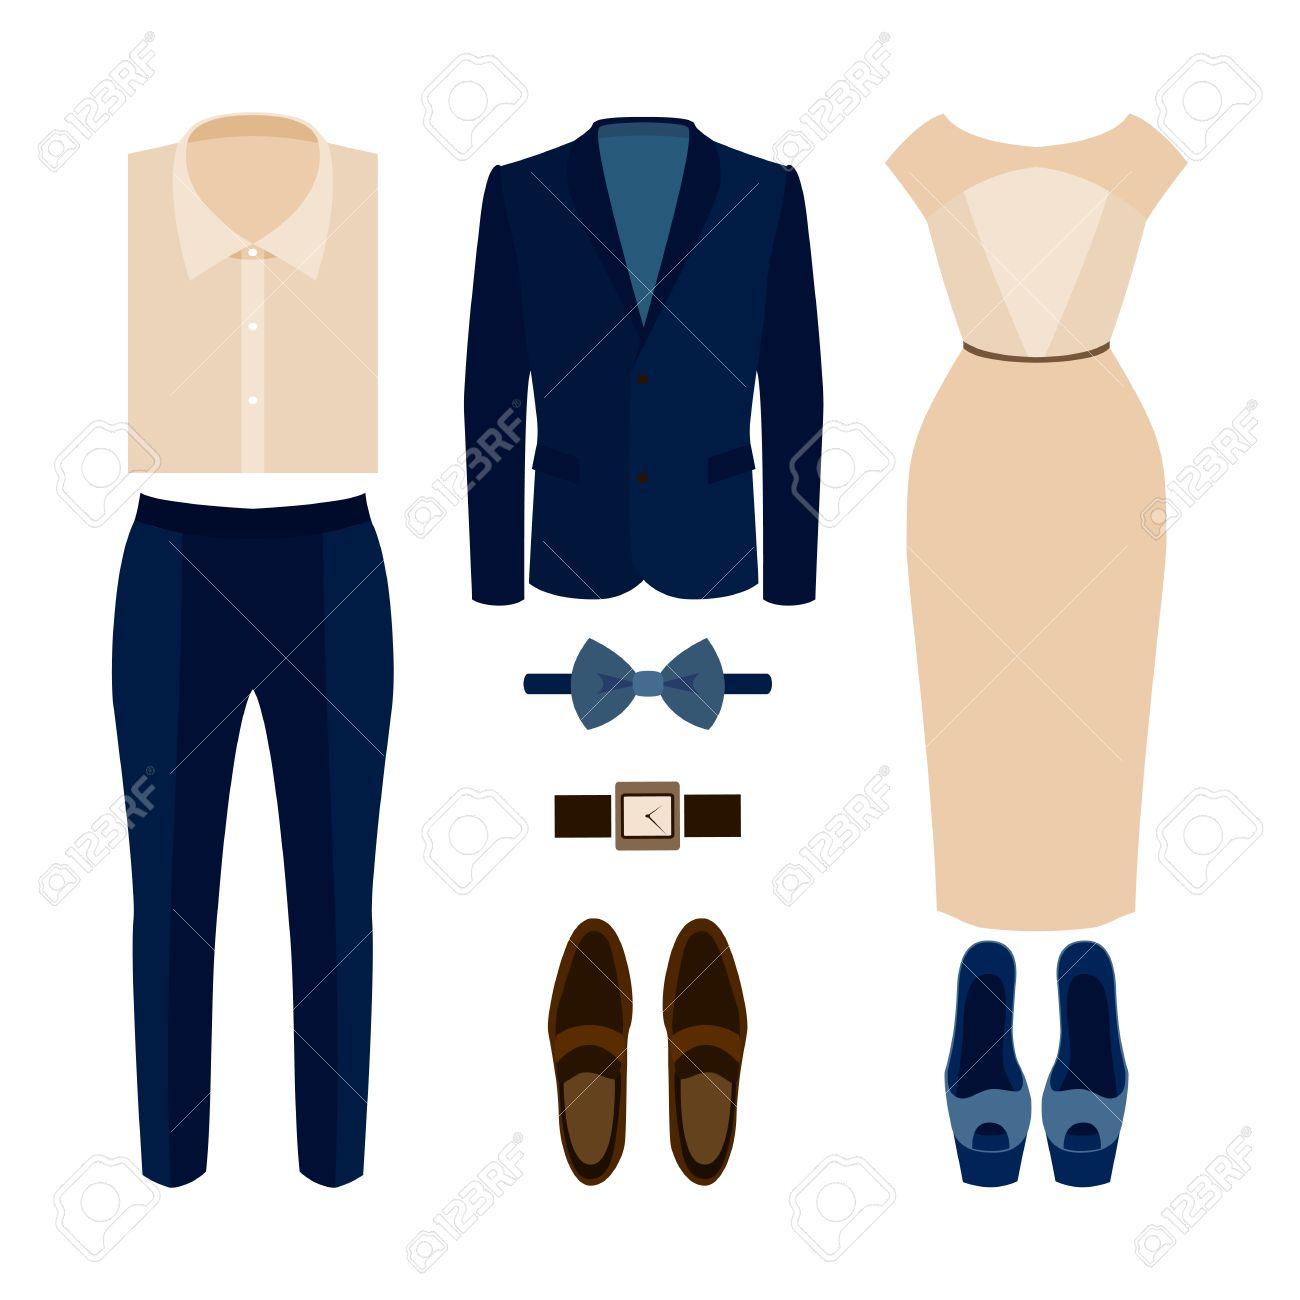 ece10d362 Conjunto de ropa de moda. Traje de hombre y mujer de ropa y accesorios.